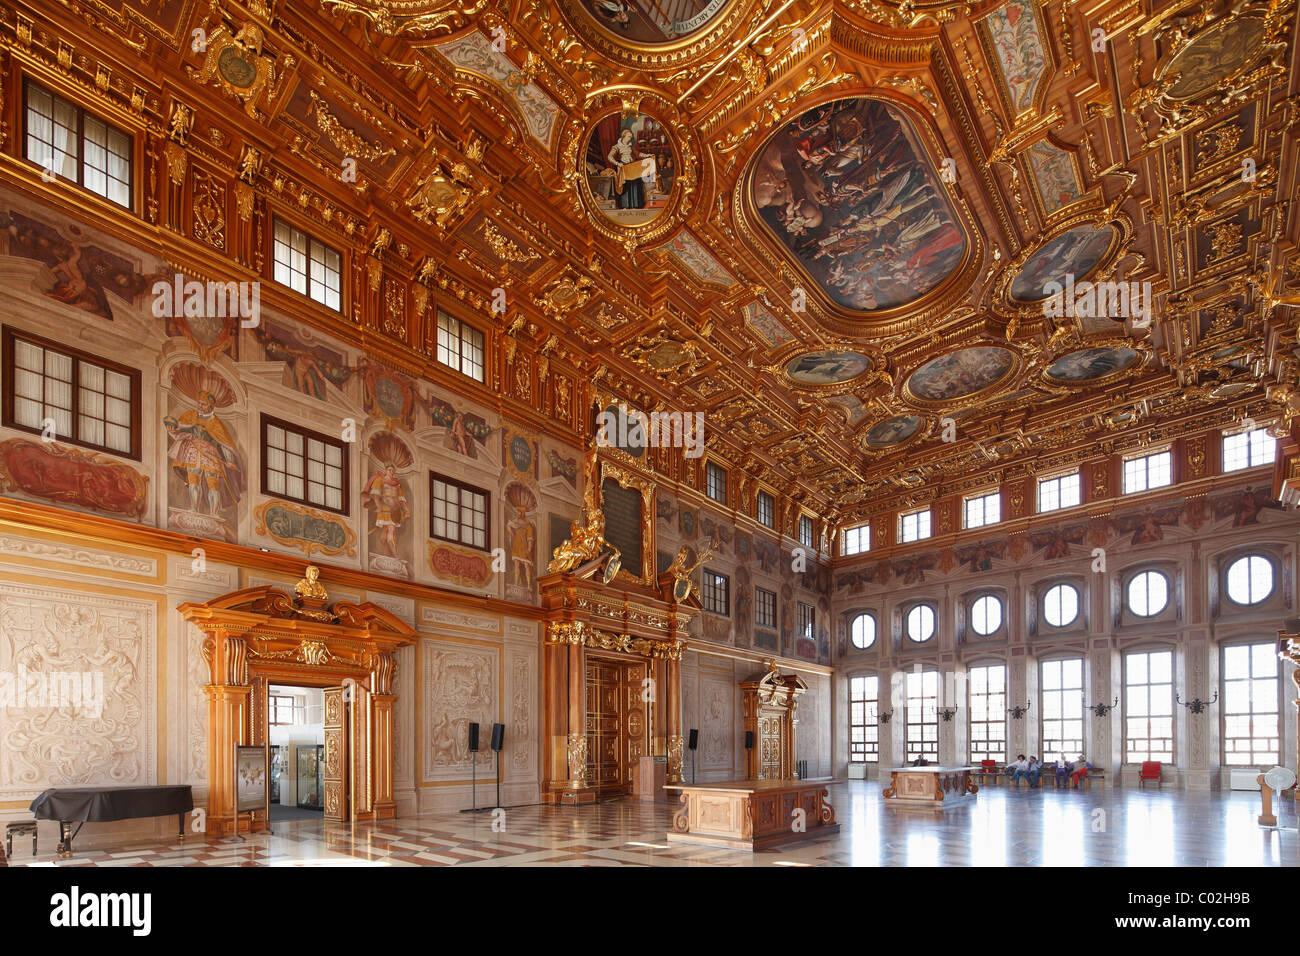 Goldener Saal Saal im Rathaus, Augsburg, Schwaben, Bayern, Deutschland, Europa Stockbild